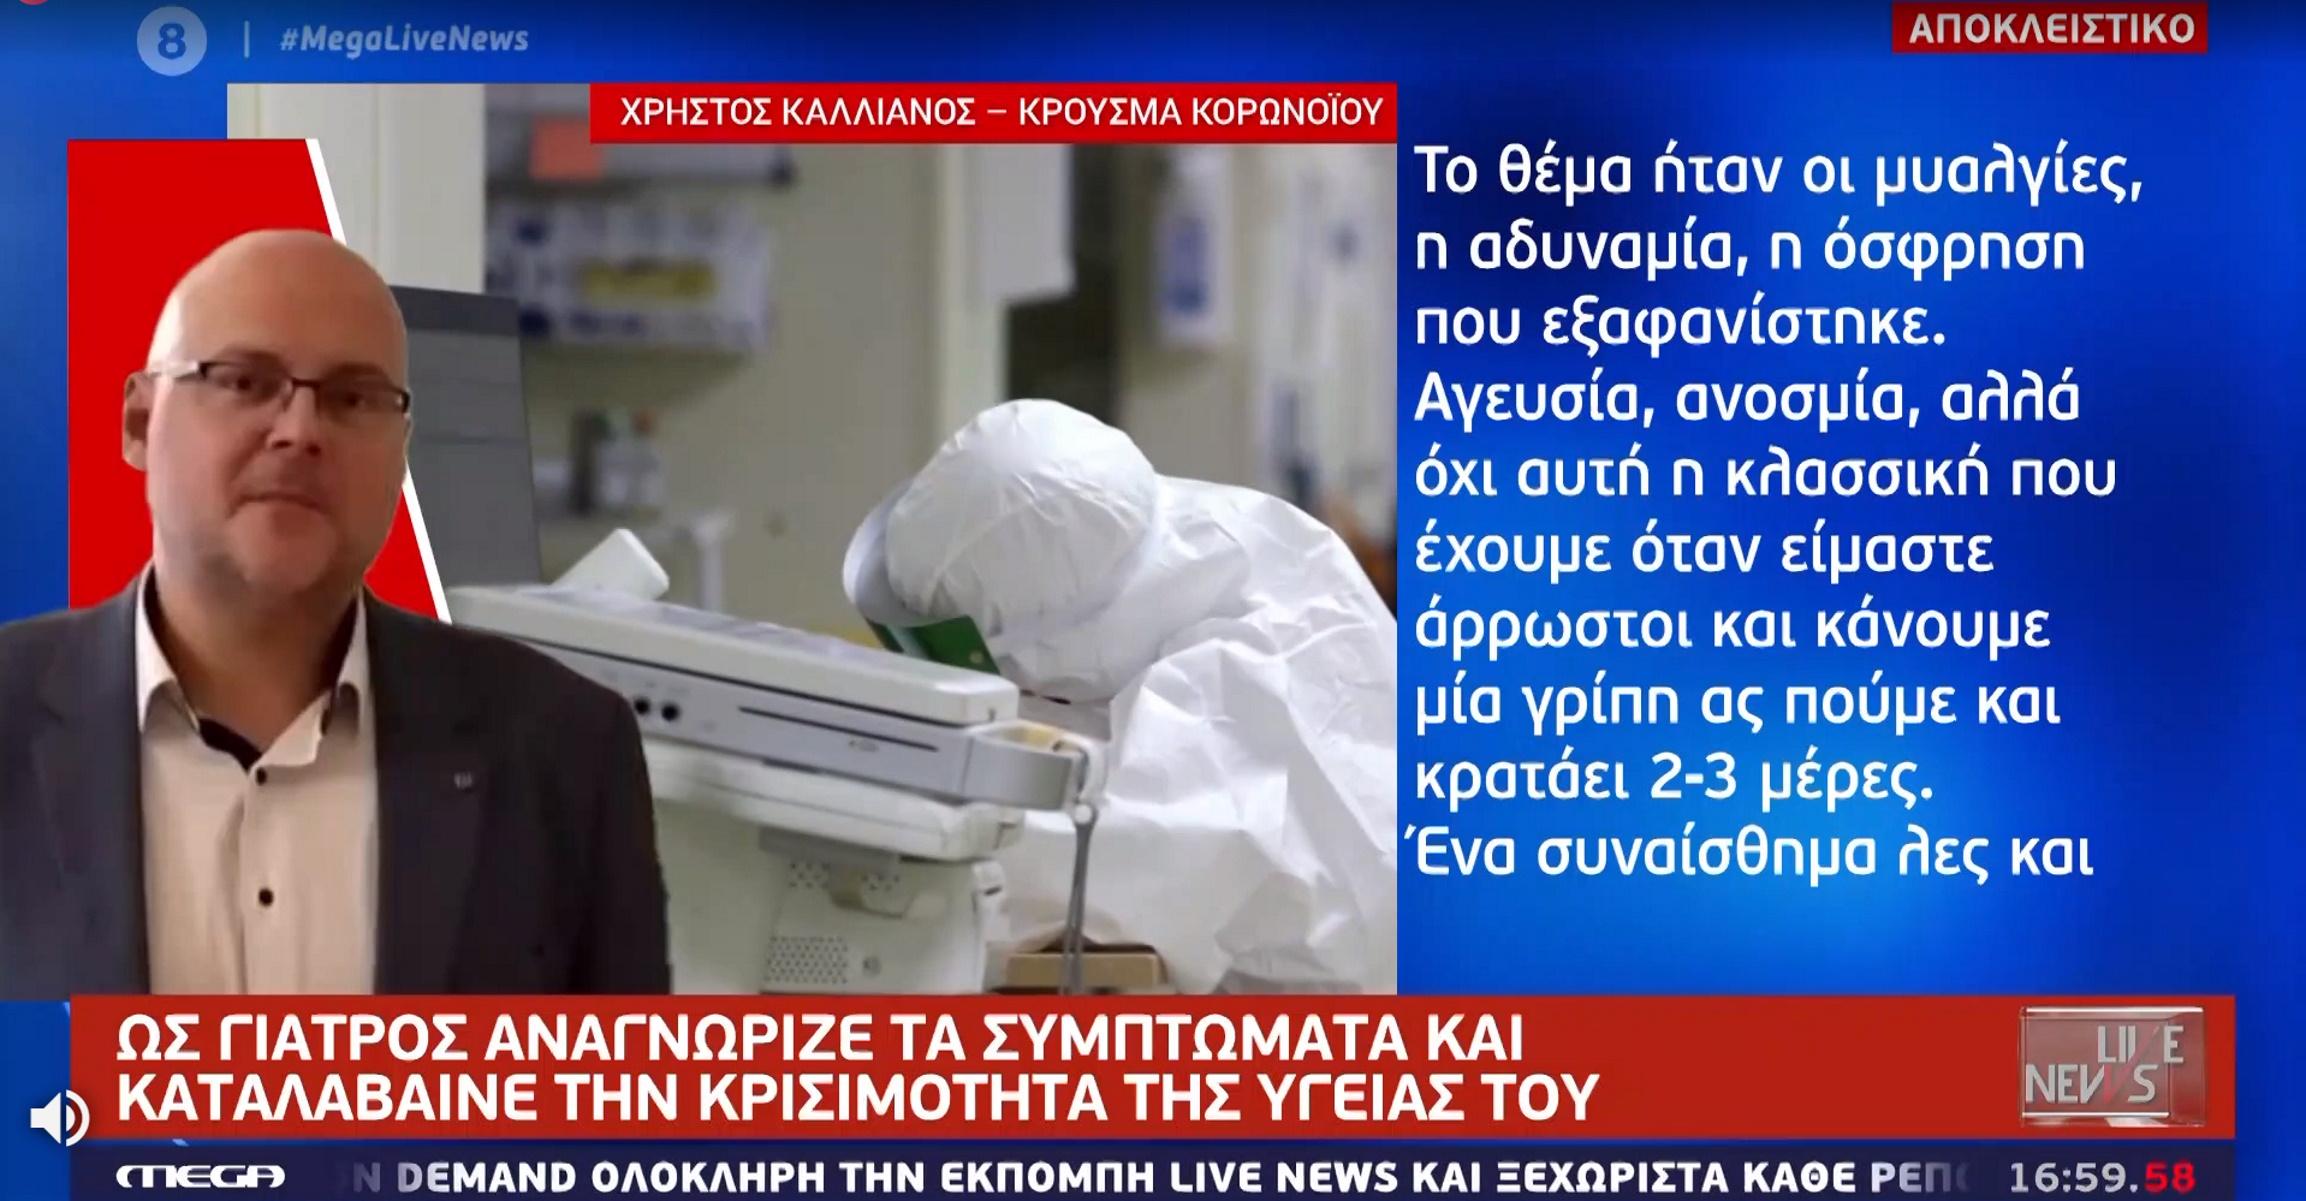 Συγκλονίζει στο Live News ο αδερφός του Καλλιάνου που νόσησε από κορονοϊό – «Ένιωσα τον θάνατο» (video)